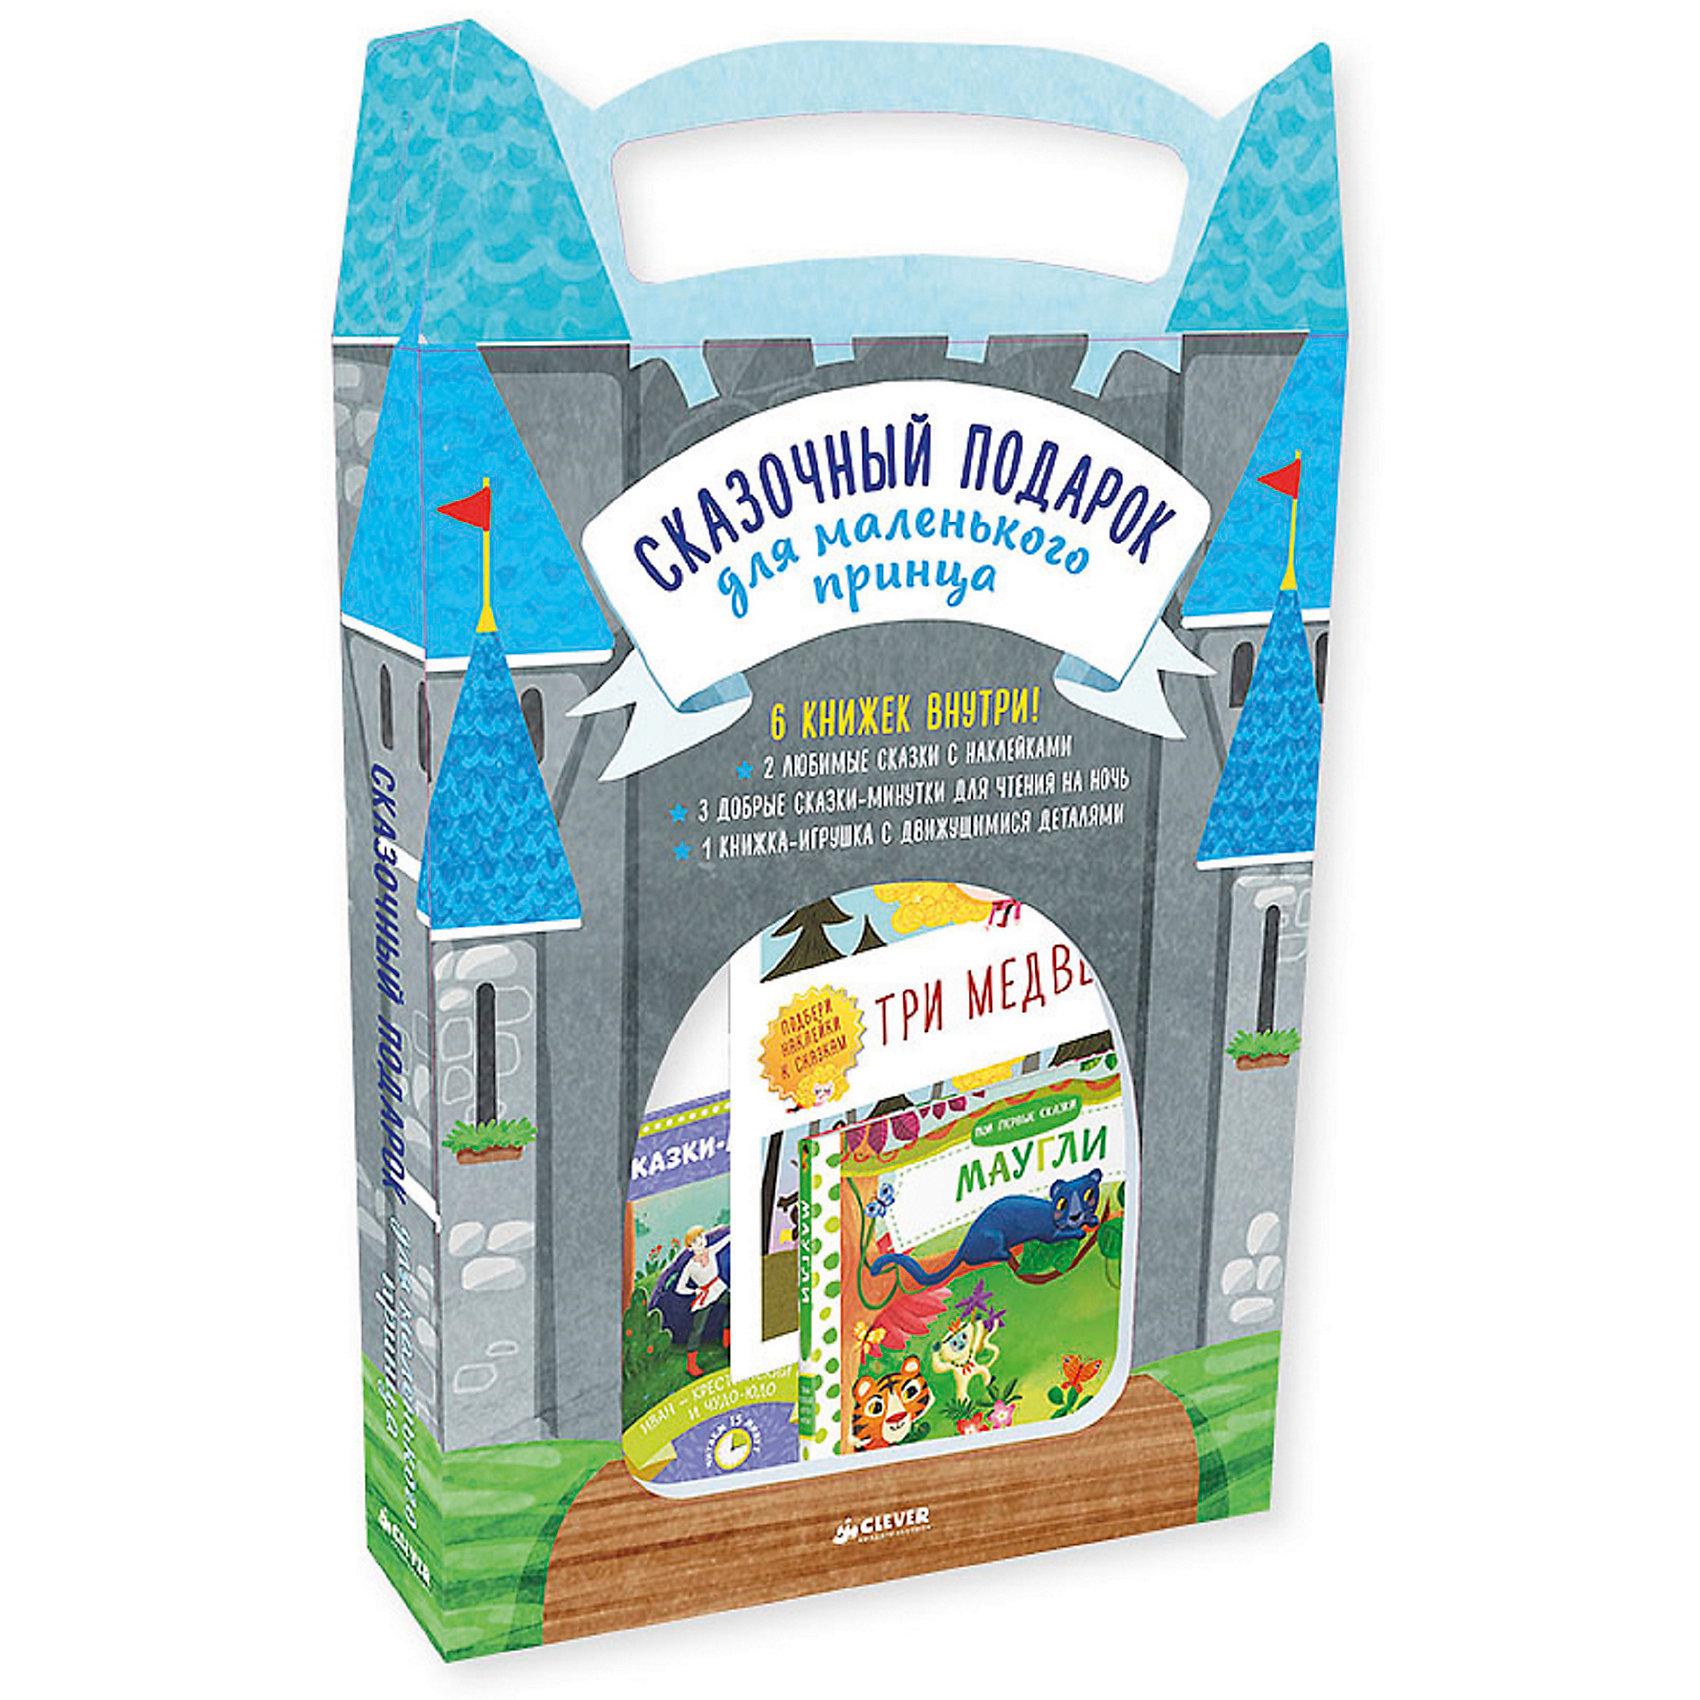 Чемодан Сказочный подарок для маленького принца, 6 книгCLEVER (КЛЕВЕР)<br>Характеристики товара:<br><br>• материал: бумага<br>• с наклейками, с подвижными элементами<br>• страниц: 152<br>• формат: 220x290 мм (60х90 1/8)<br>• офсетная бумага<br>• упаковка: чемоданчик<br>• комплектация: 6 книг <br>• содержание: Мальчик-с-пальчик. Три медведя, Иван-крестьянский сын, как муравьишка домой спешил, Серая шейка и Маугли<br>• цветные иллюстрации<br>• страна производства: Российская Федерация<br><br>В этом чемоданчике собраны интересные и поучительные сказки, которые дополнены красочными иллюстрациями. Эти сказки помогут родителям развлечь малыша и одновременно помочь ему развиваться. Специальные обозначения покажут, сколько времени у вас займет чтение той или иной сказки - пять, десять или пятнадцать минут. <br>Изделия очень качественно выполнены, обложка - красивая. Формат - удобный. Такой набор станет отличным подарком для ответственных родителей.<br><br>Издание Чемодан Сказочный подарок для маленького принца, 6 книг можно купить в нашем интернет-магазине.<br><br>Ширина мм: 284<br>Глубина мм: 214<br>Высота мм: 50<br>Вес г: 938<br>Возраст от месяцев: 48<br>Возраст до месяцев: 72<br>Пол: Мужской<br>Возраст: Детский<br>SKU: 5279318